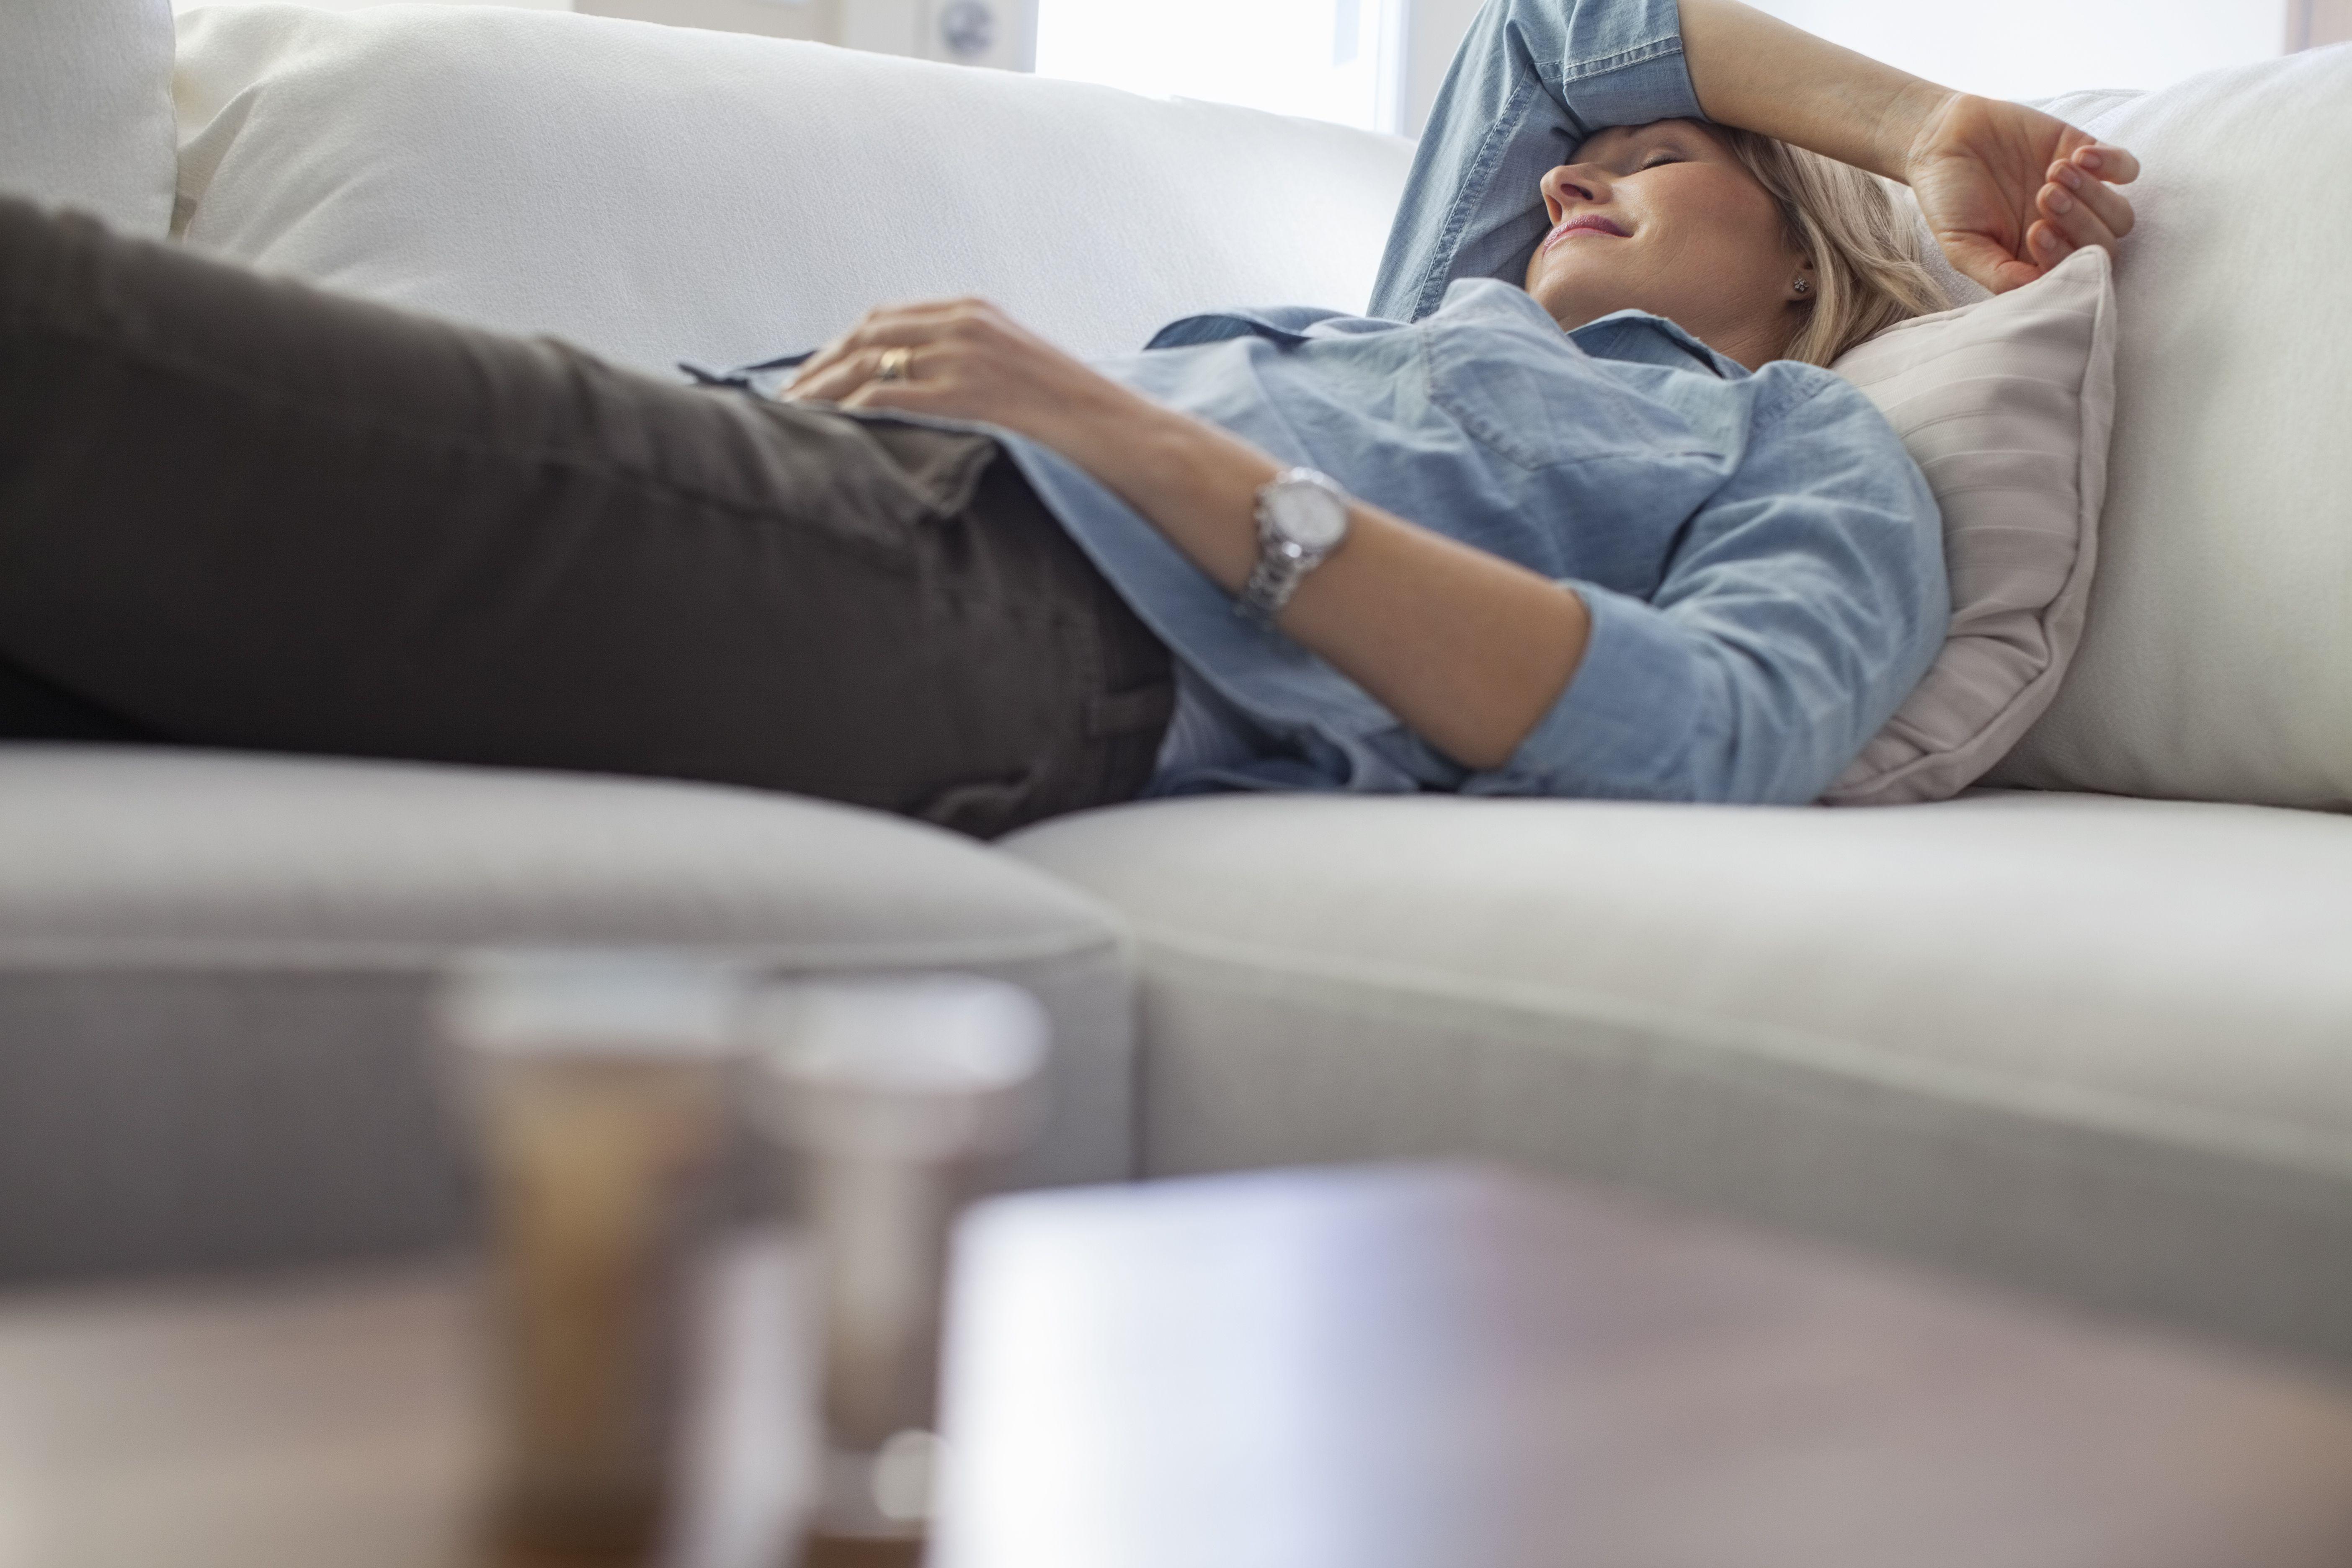 Mujer durmiendo en el sofá